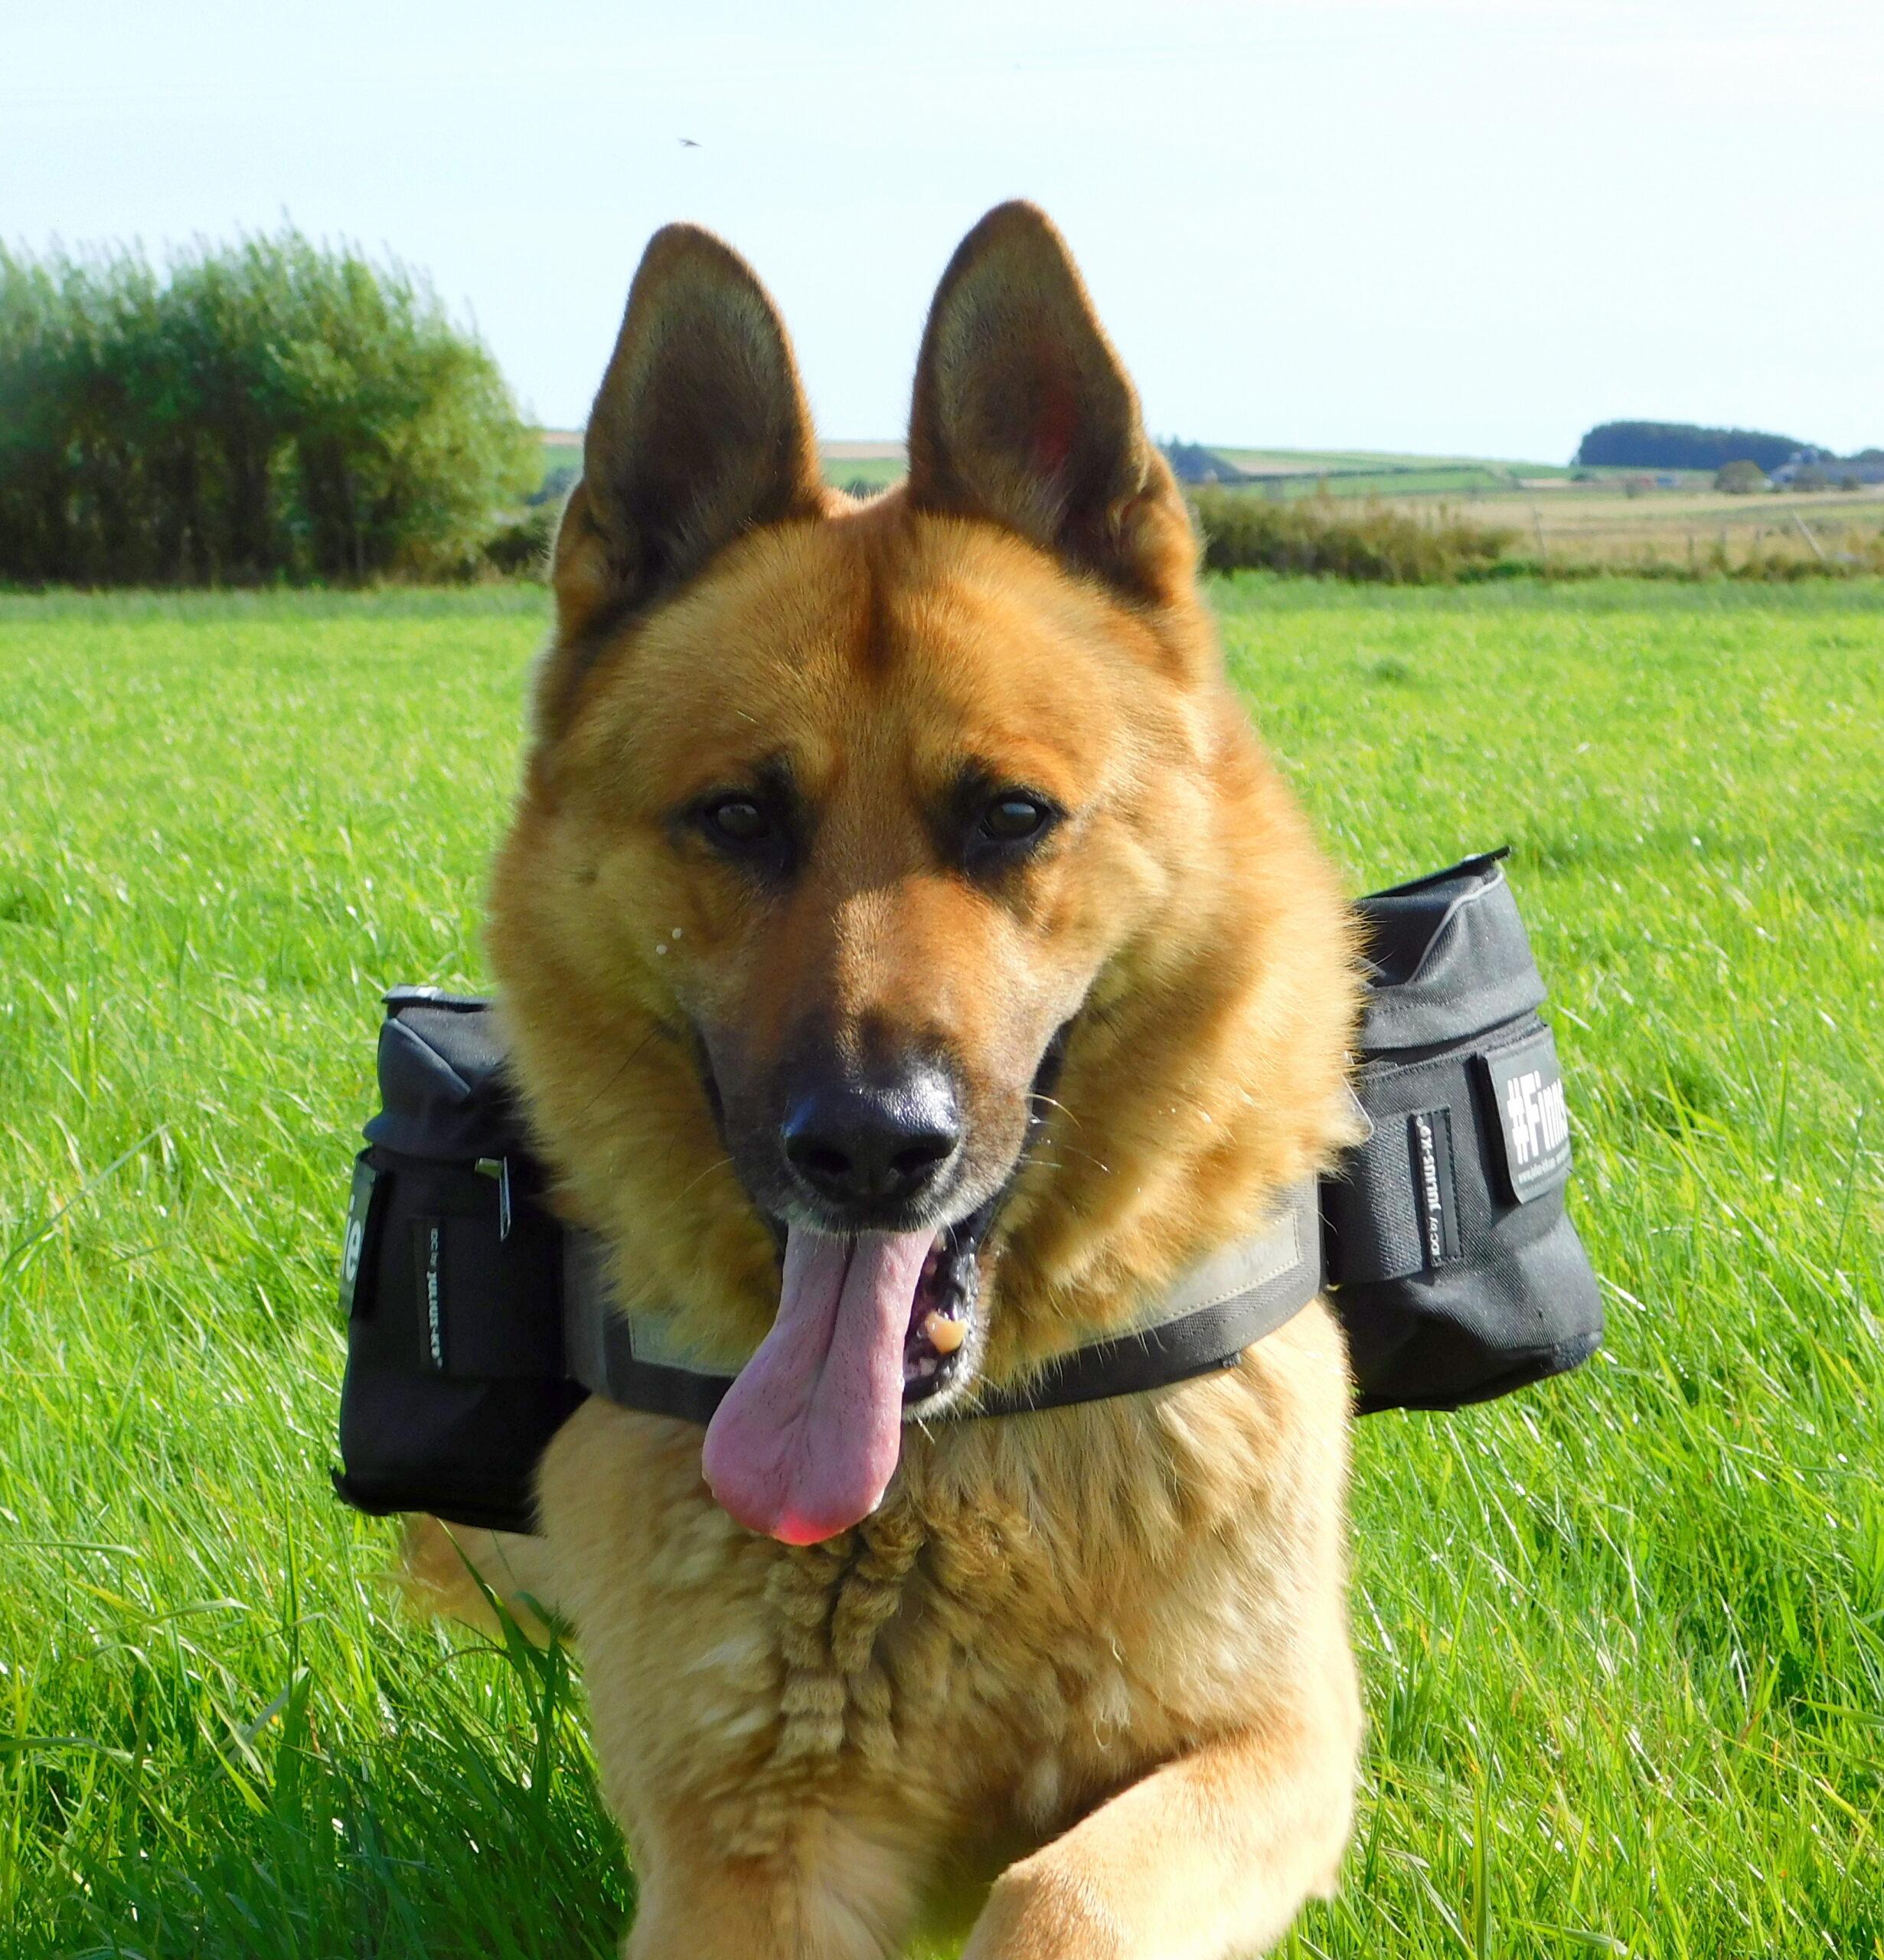 Dog wearing Julius K9 Saddlebags